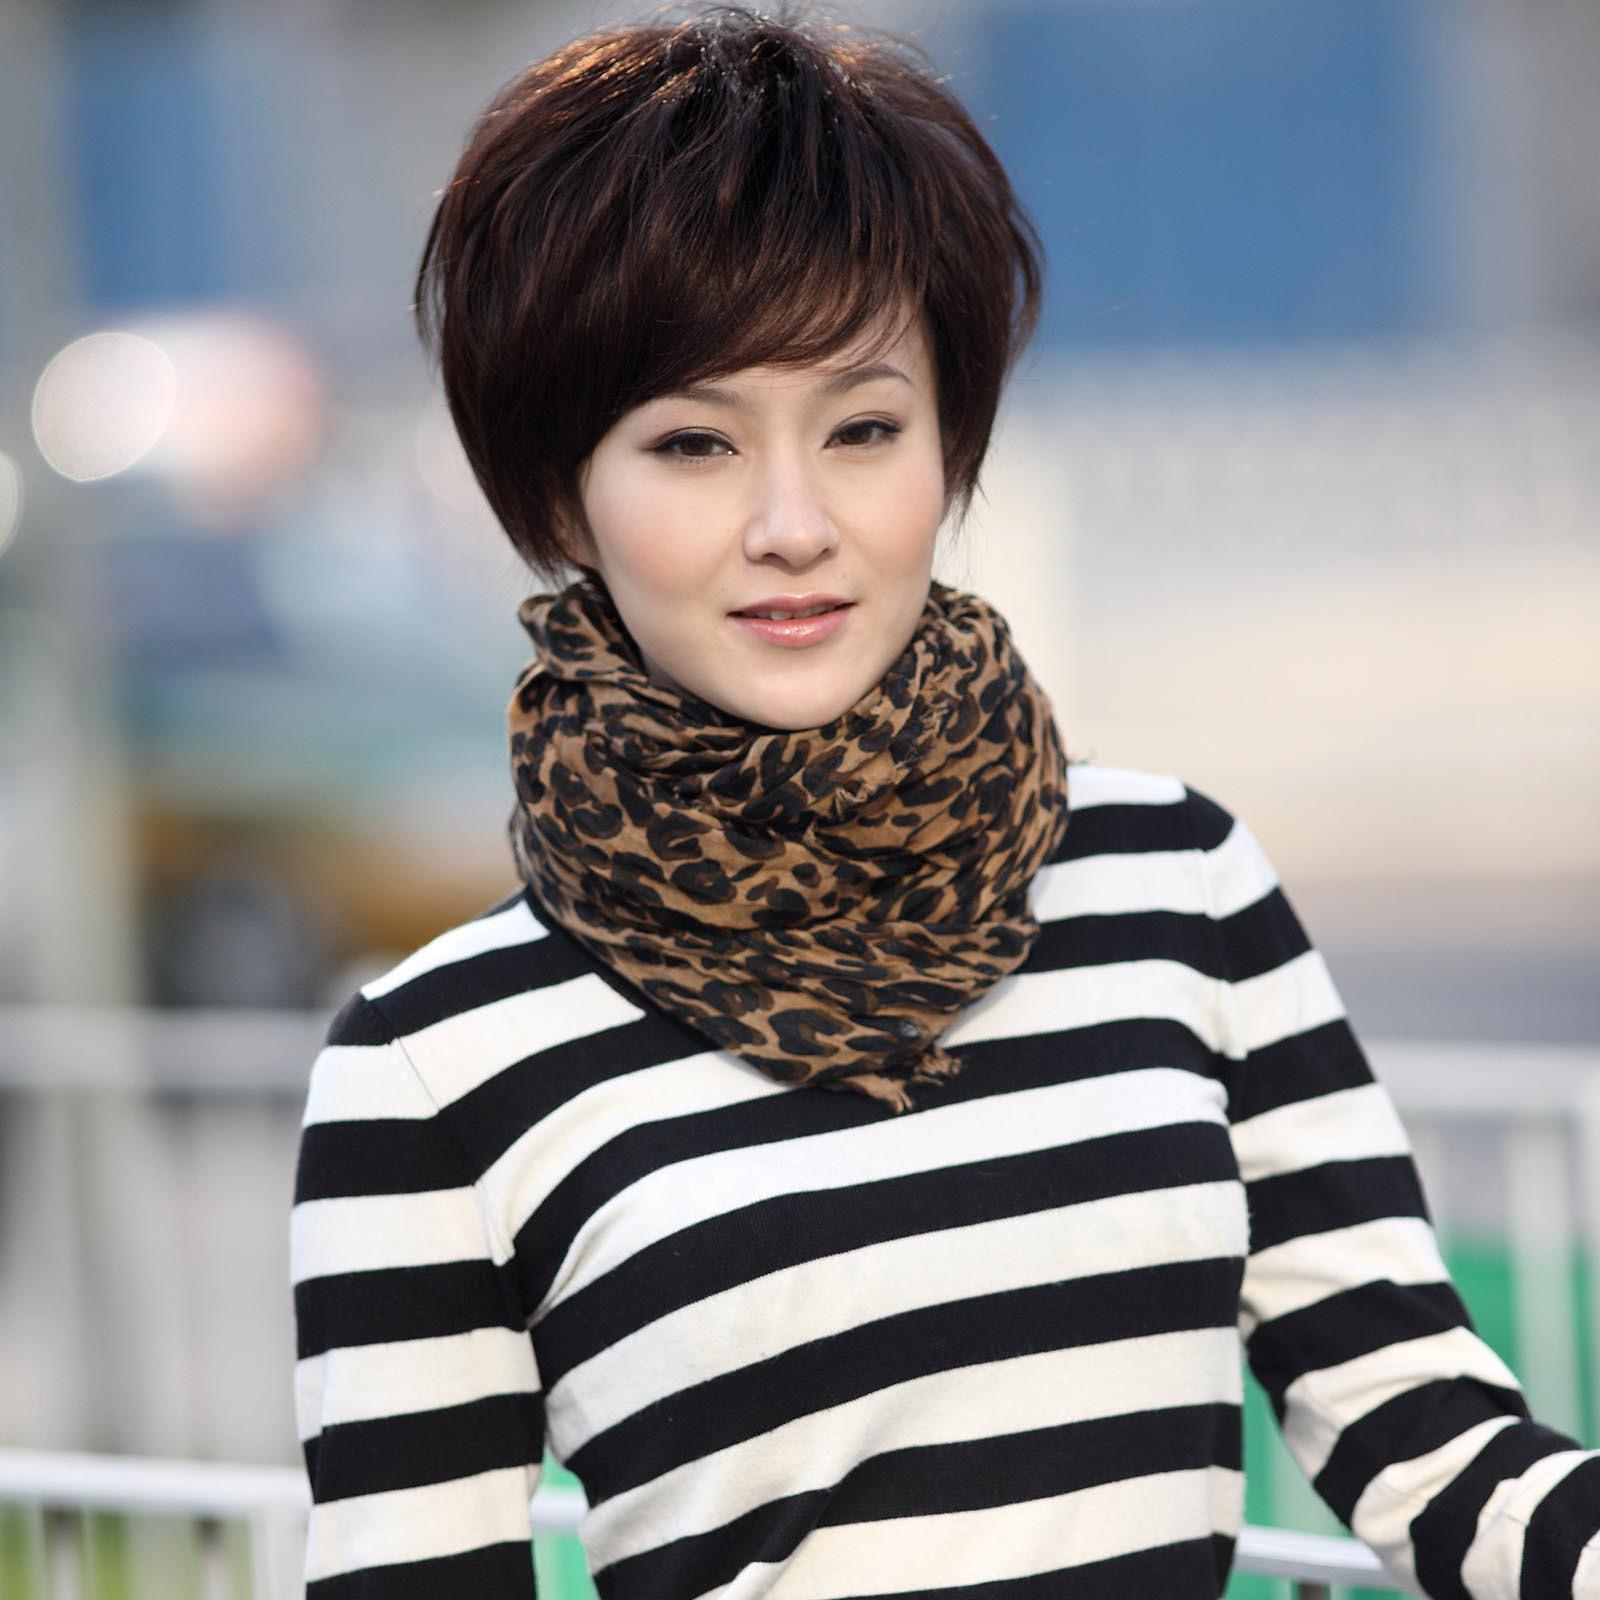 方脸短发发型图片让你秋季依旧美丽